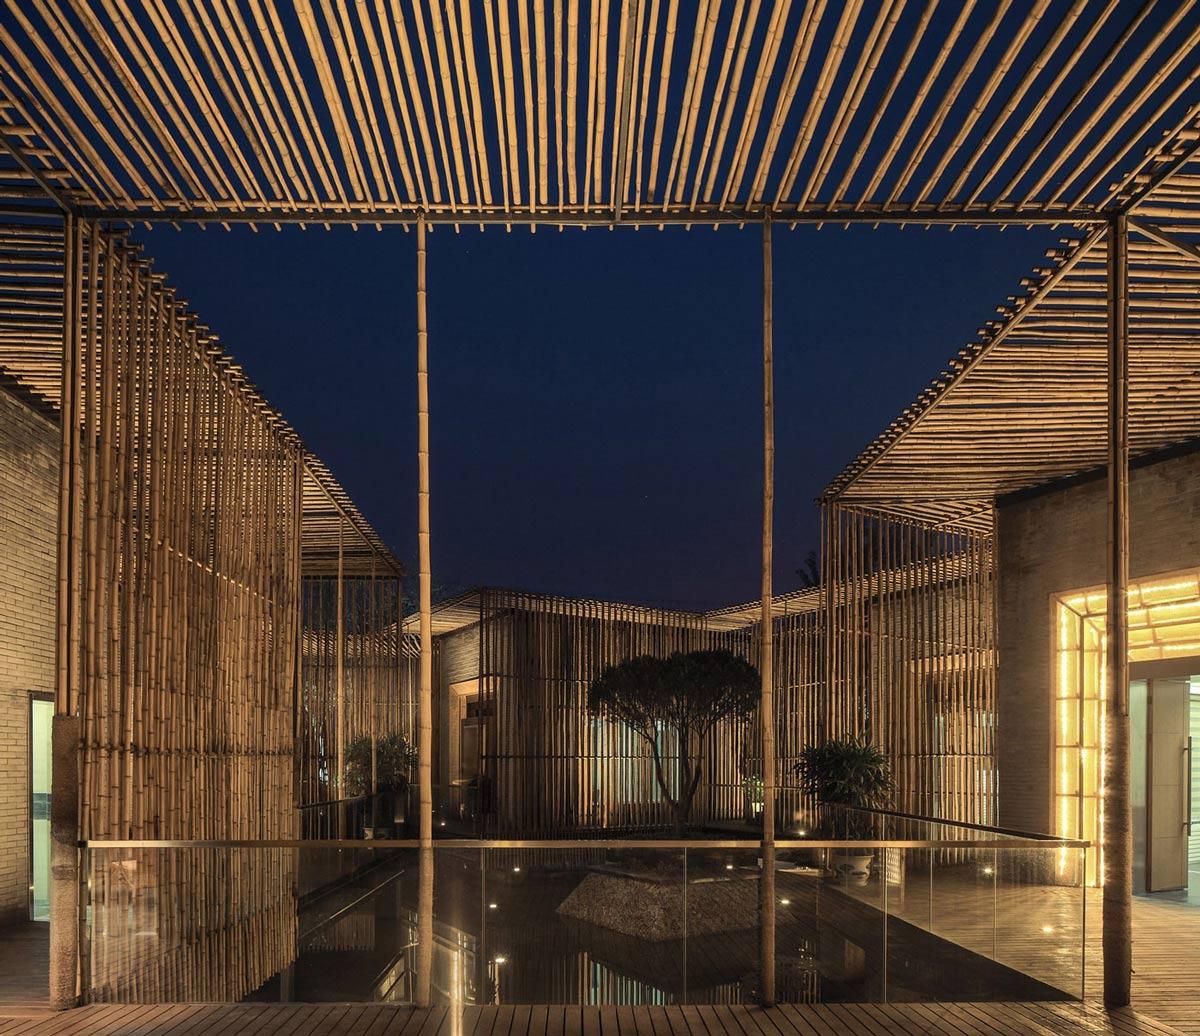 Evening, Courtyard, Floating Bamboo Courtyard Teahouse in ShiQiao, China